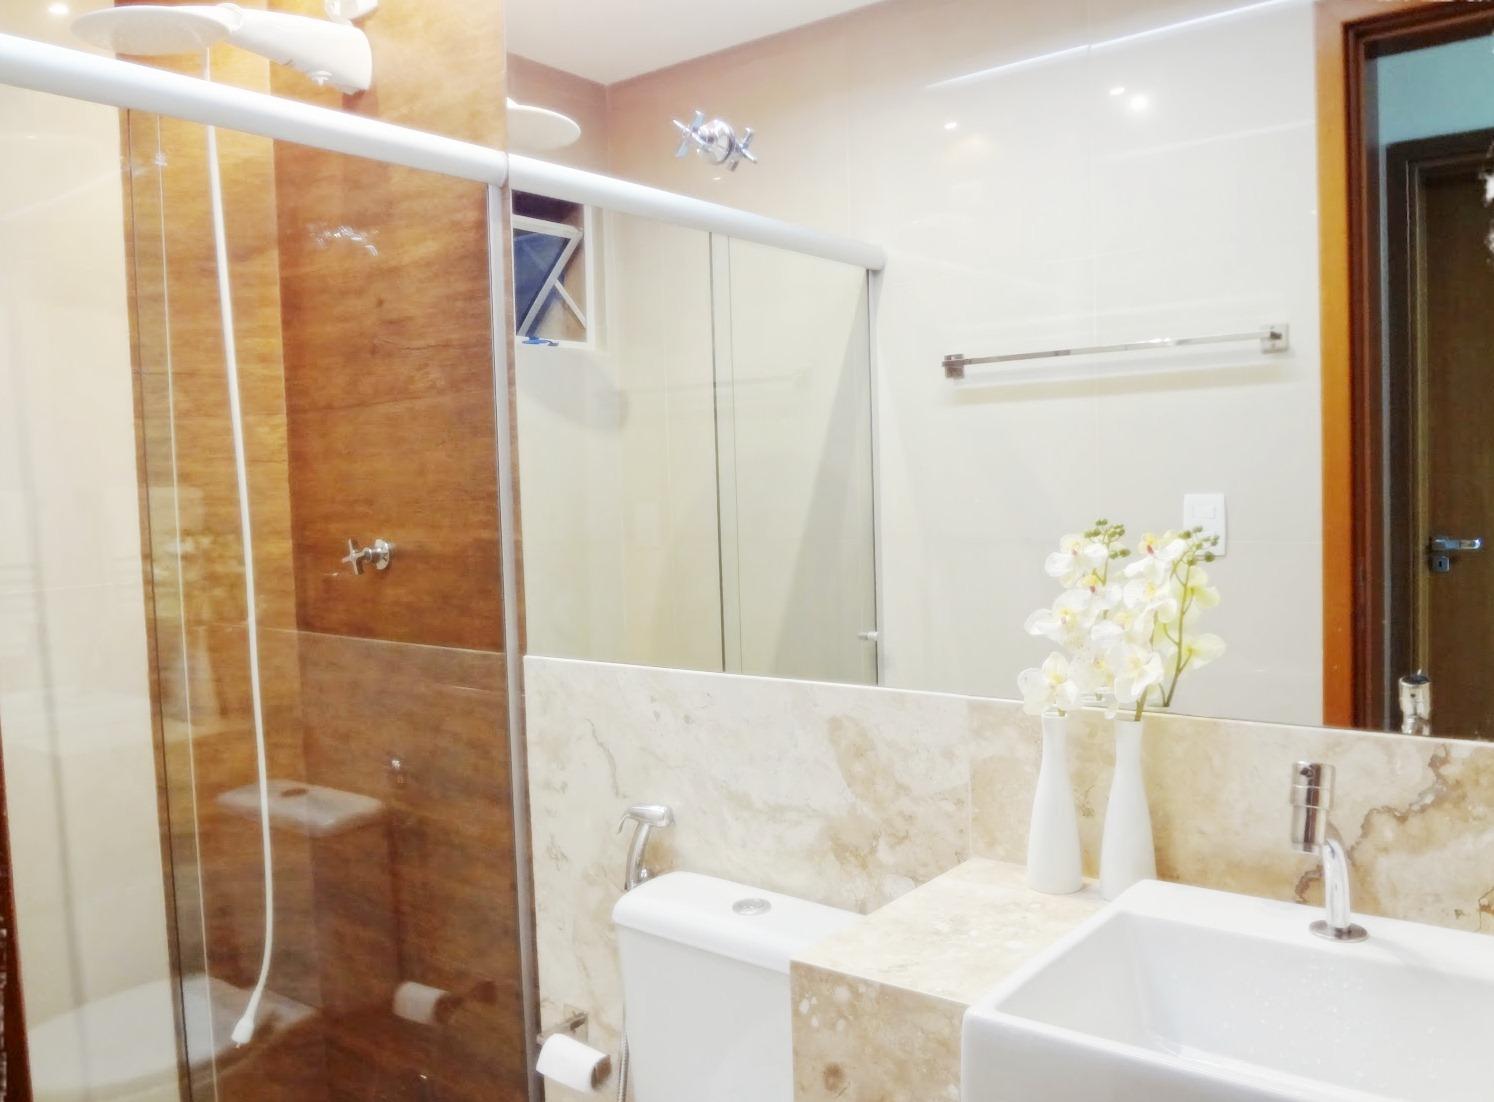 de lado o transtorno que a madeira de verdade causaria num banheiro #6F4126 1494x1102 Banheiro Com Porcelanato De Madeira